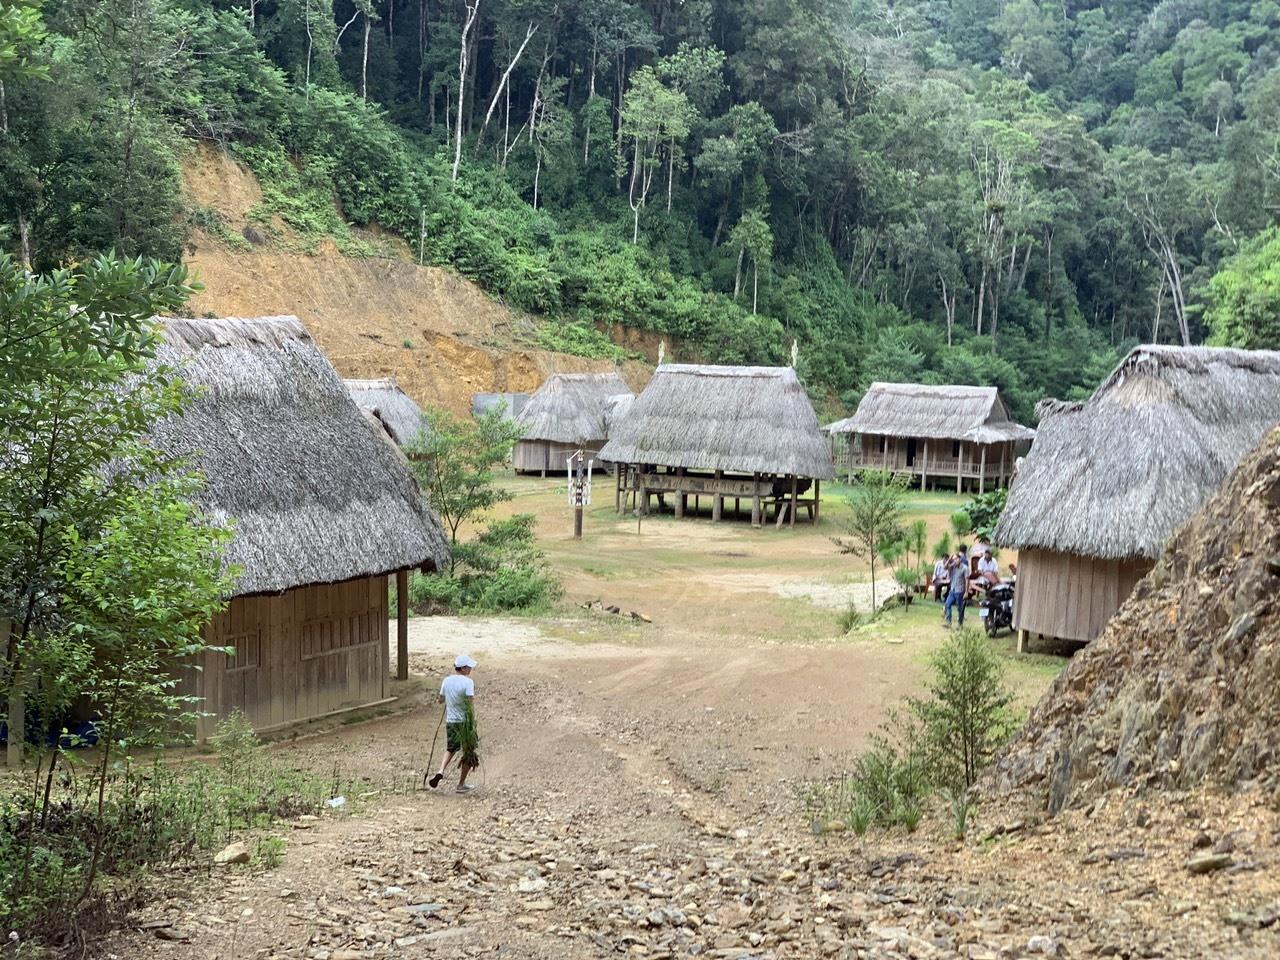 Phát triển du lịch Tây Giang phải lấy văn hóa làm nền tảng và người dân phải là chủ thể hưởng lợi từ du lịch